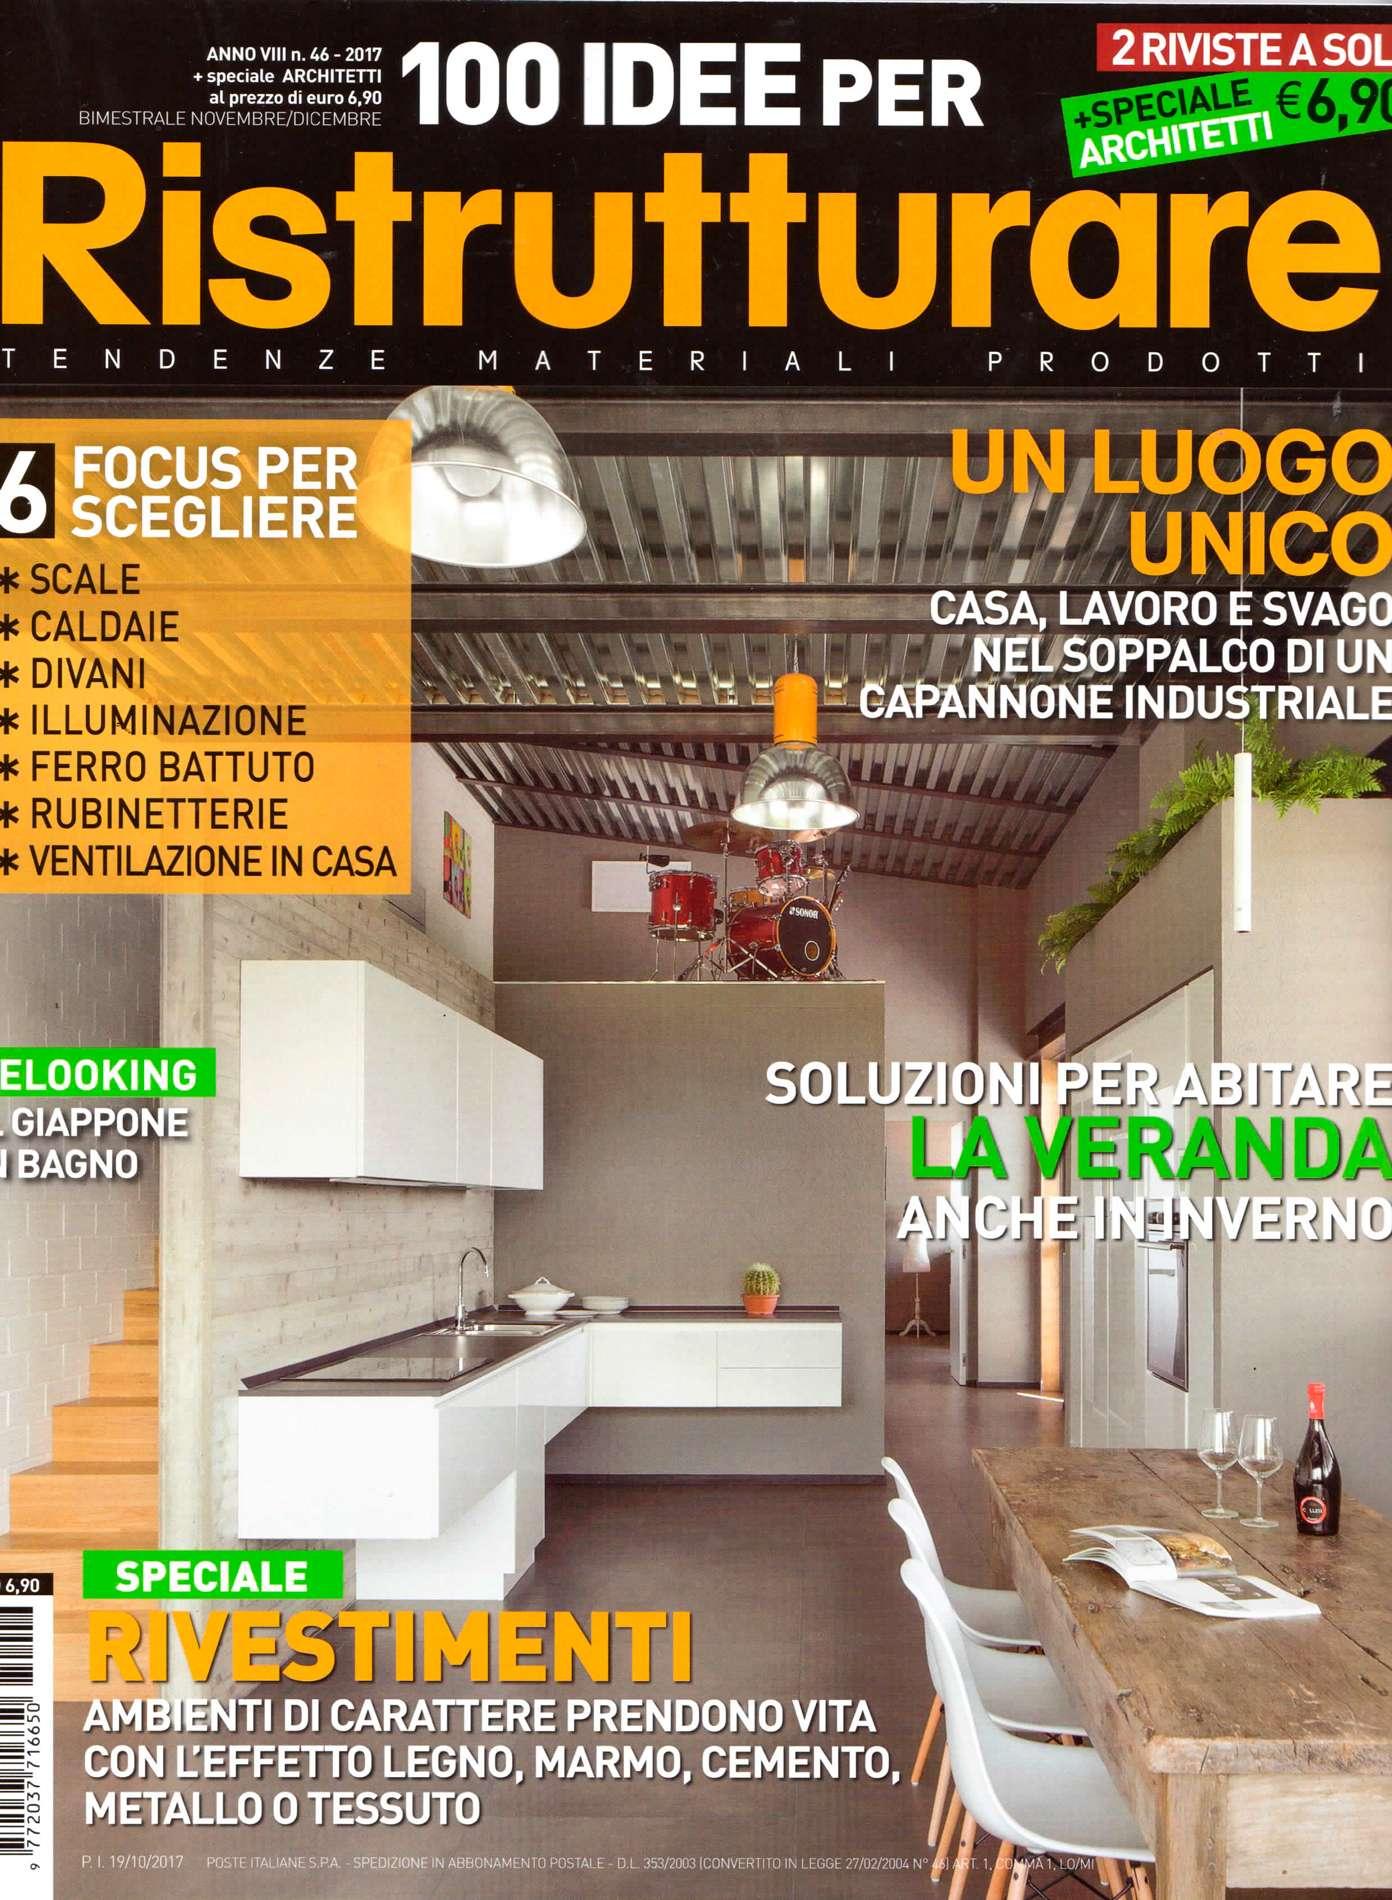 100 idee per ristrutturare i letti e le ringhiere gh for Idee per ristrutturare casa